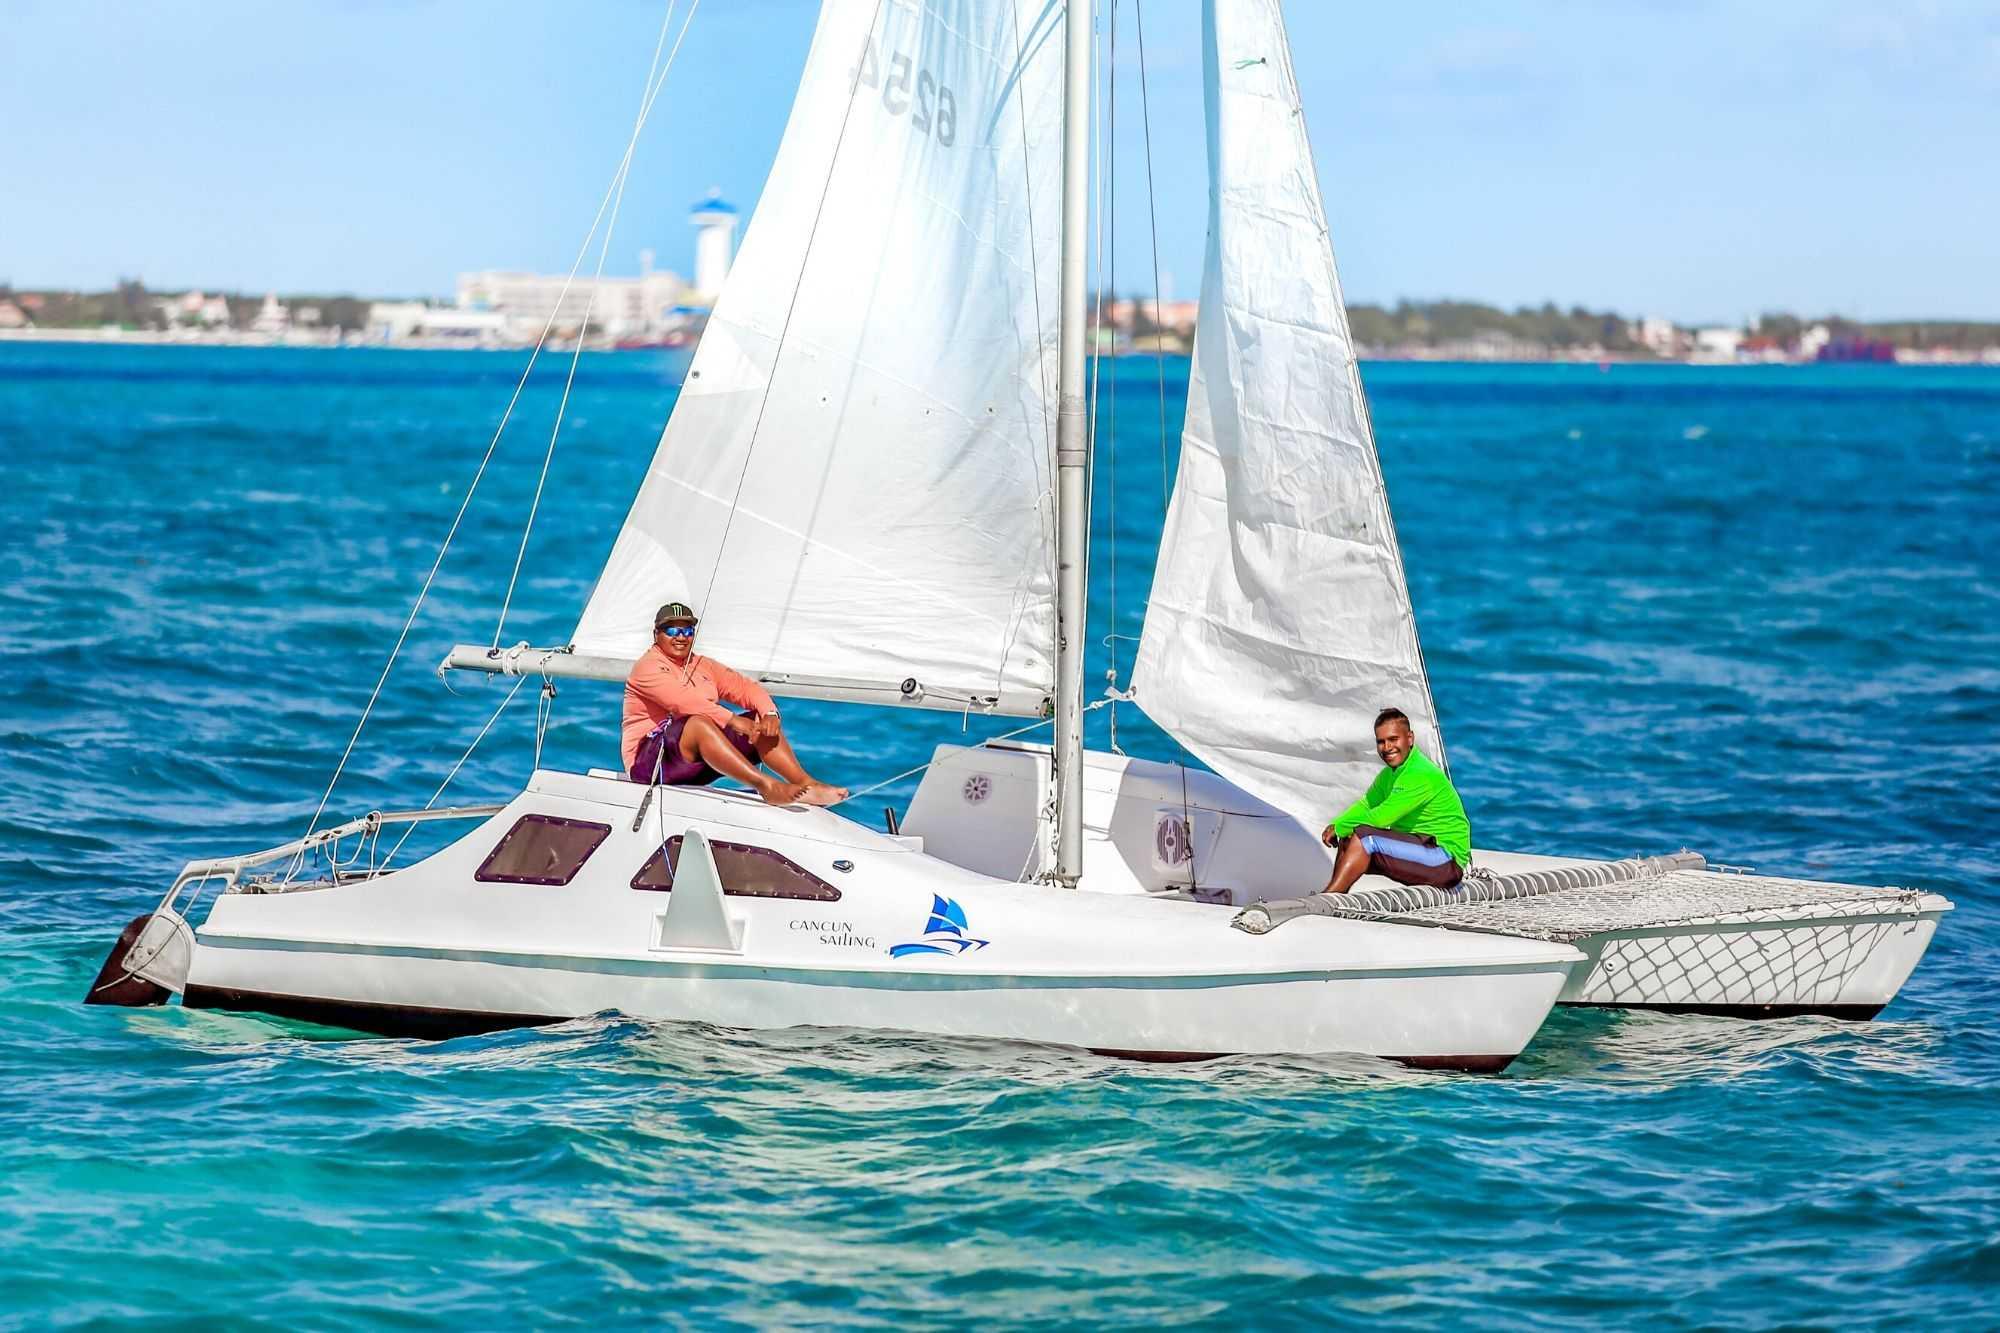 1 Private Isla Mujeres tour in catamaran - Seawind - Cancun Sailing